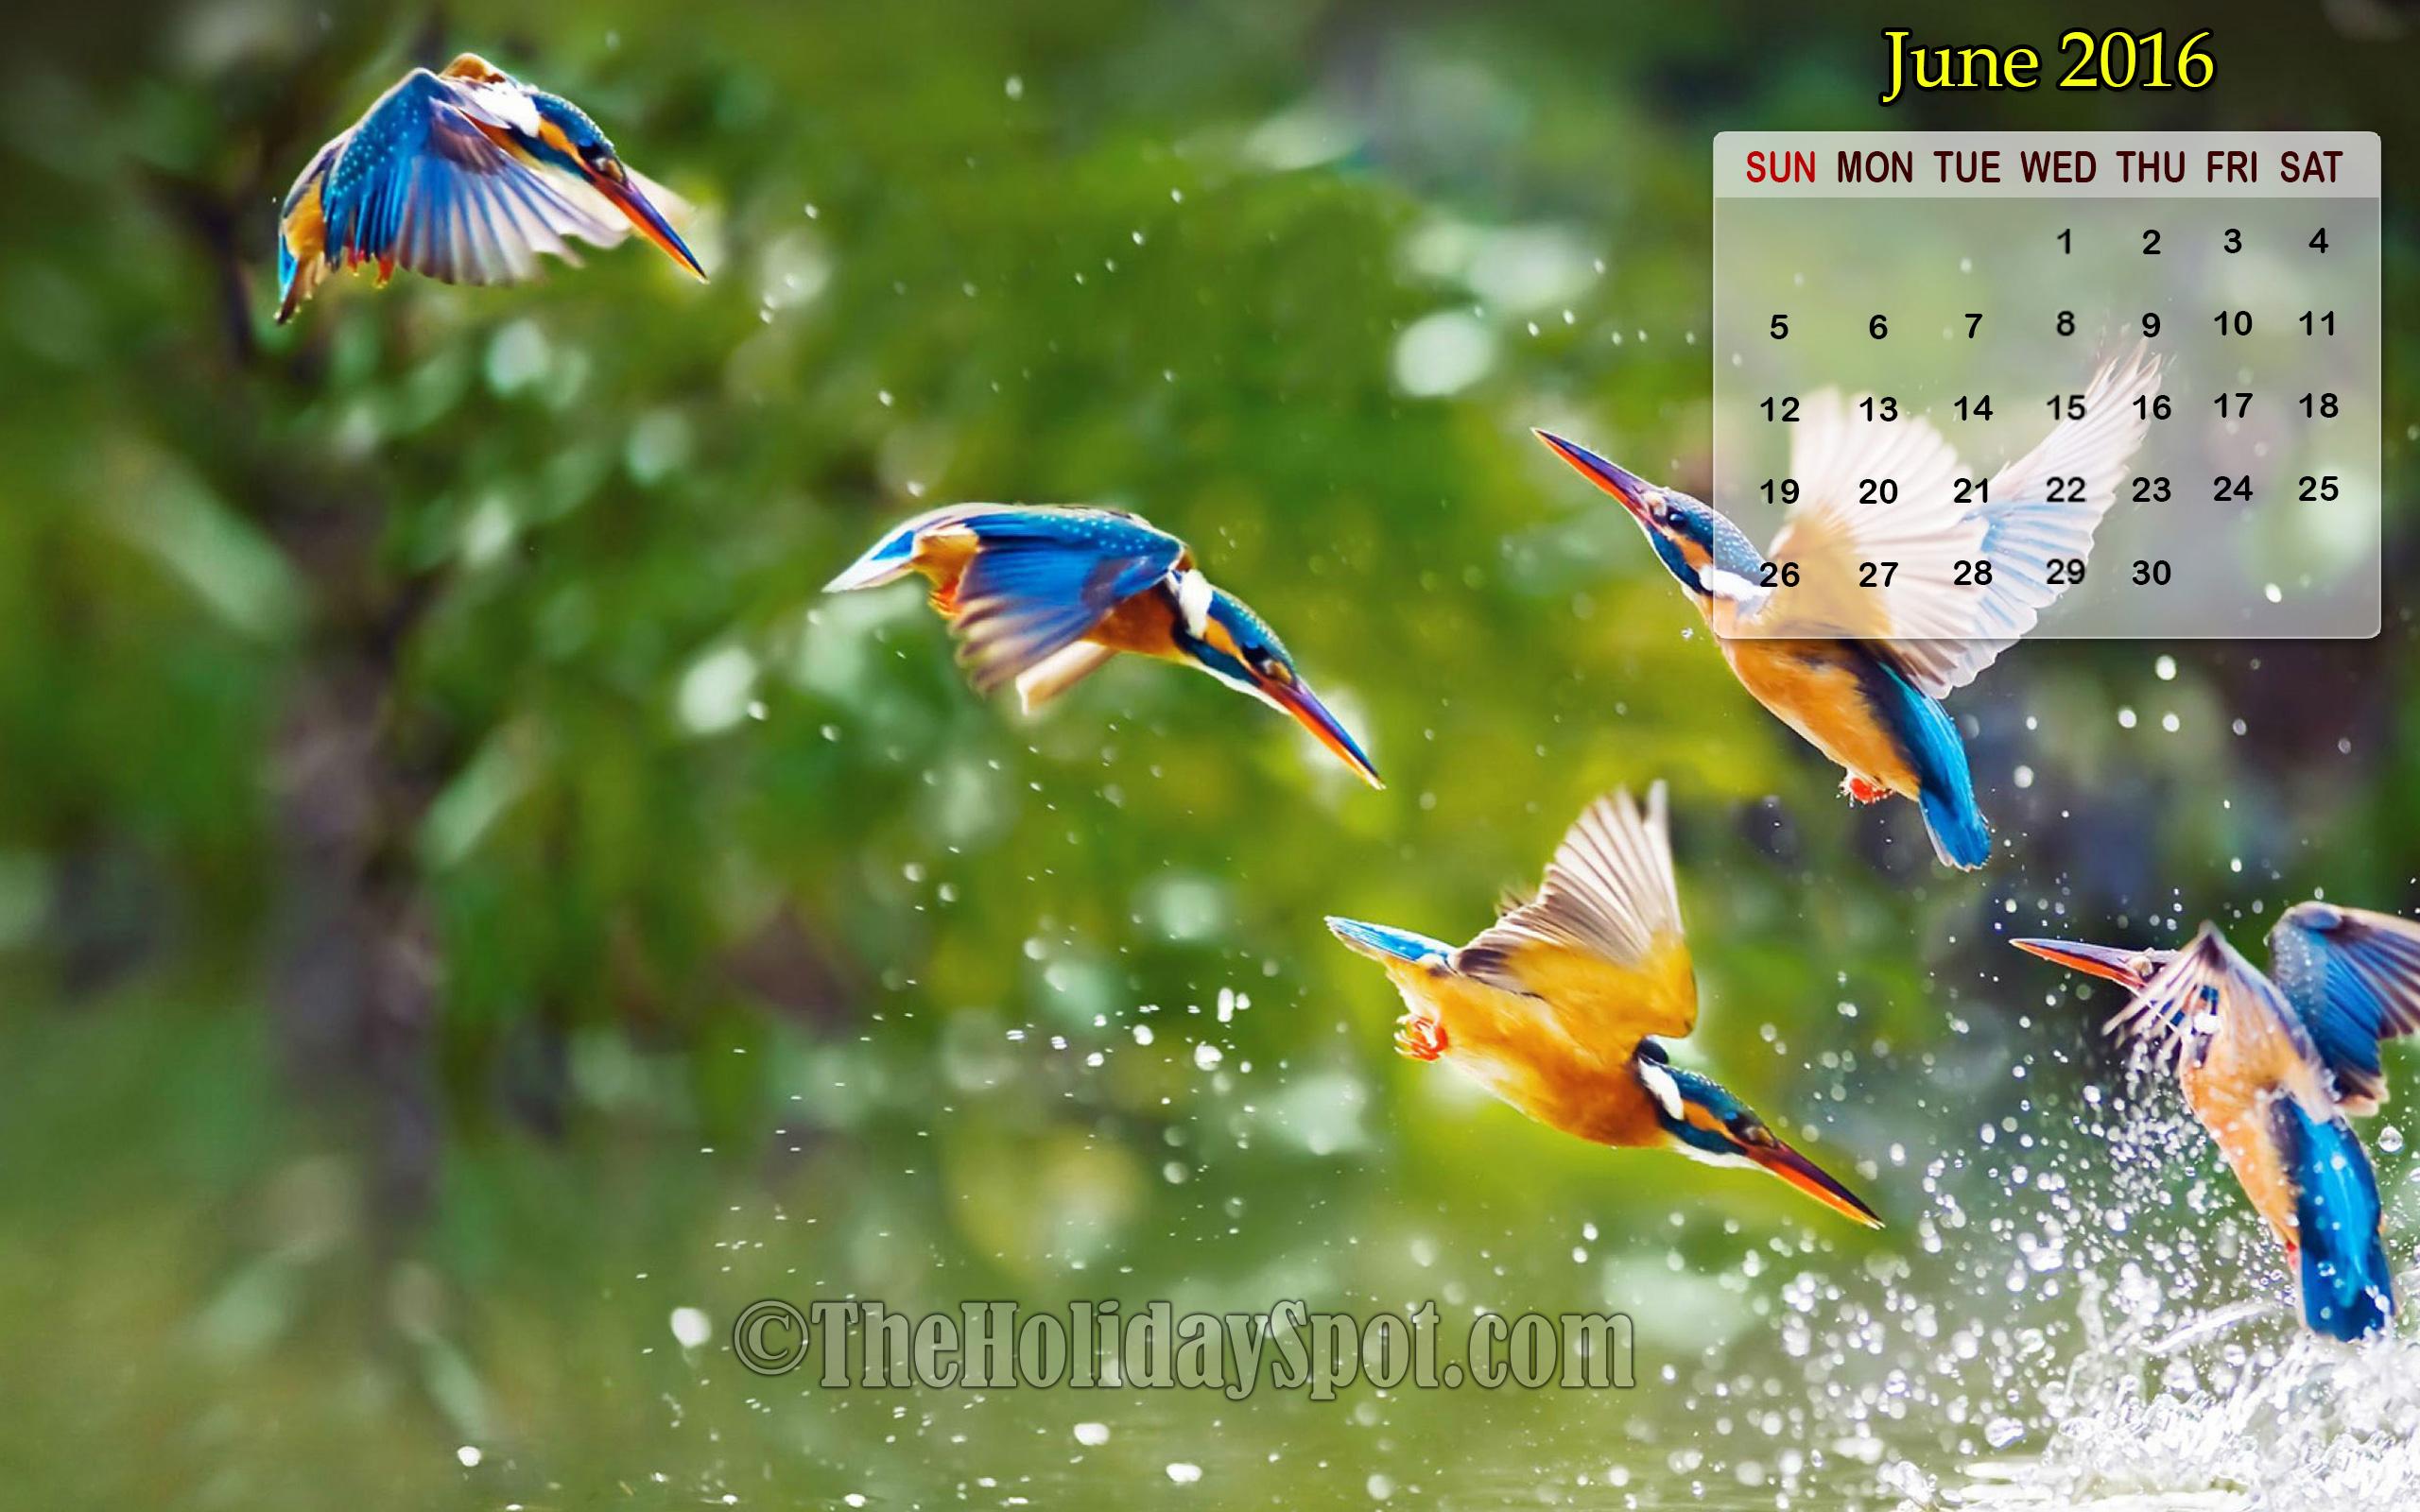 Wallpaper Calendar March 2016 WallpaperSafari